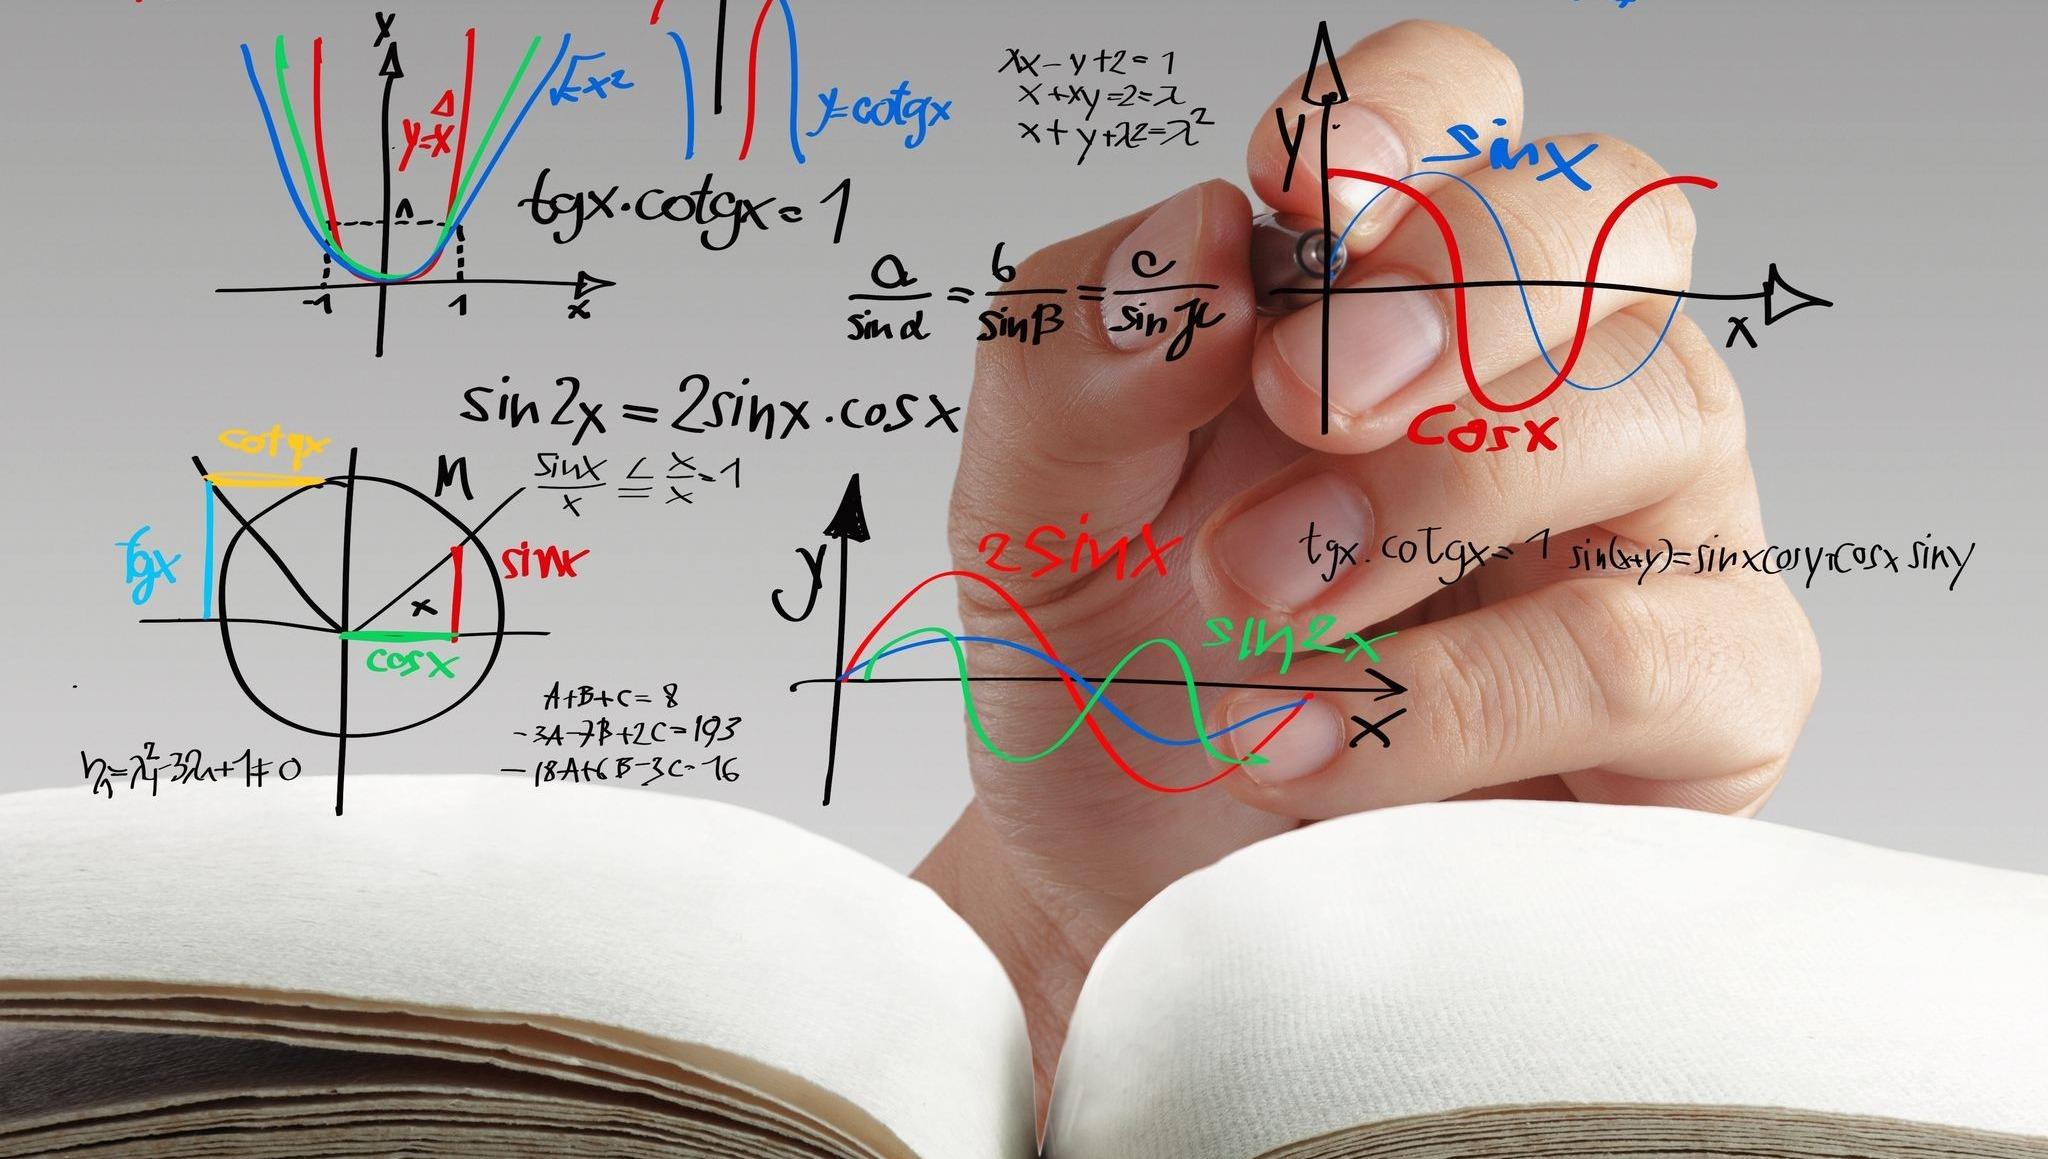 İlahiyatların ve Sosyal Bilimlerin Matematikselleşmesi İhtiyacı Üzerine